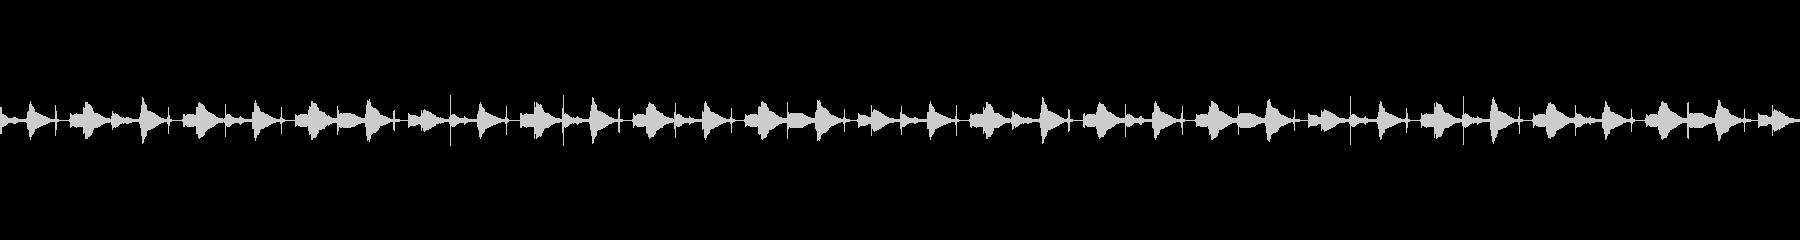 Innocent Marimbaの未再生の波形